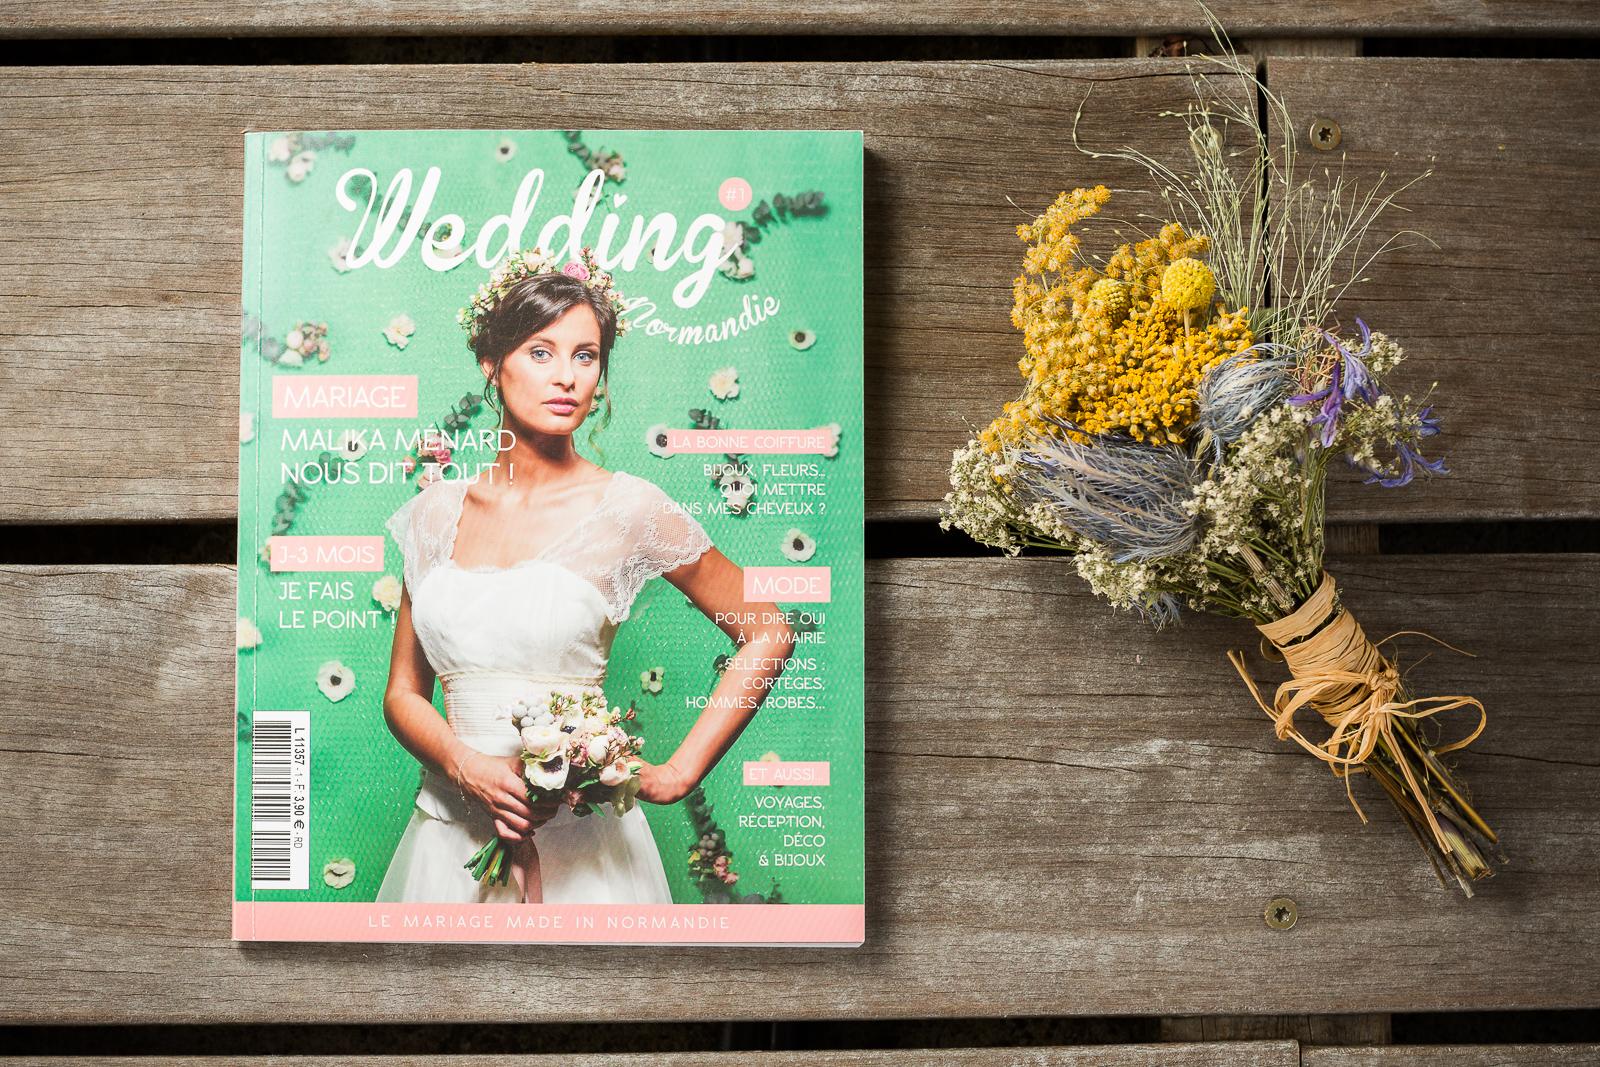 Wedding normandie - Presse - Les crâneuses